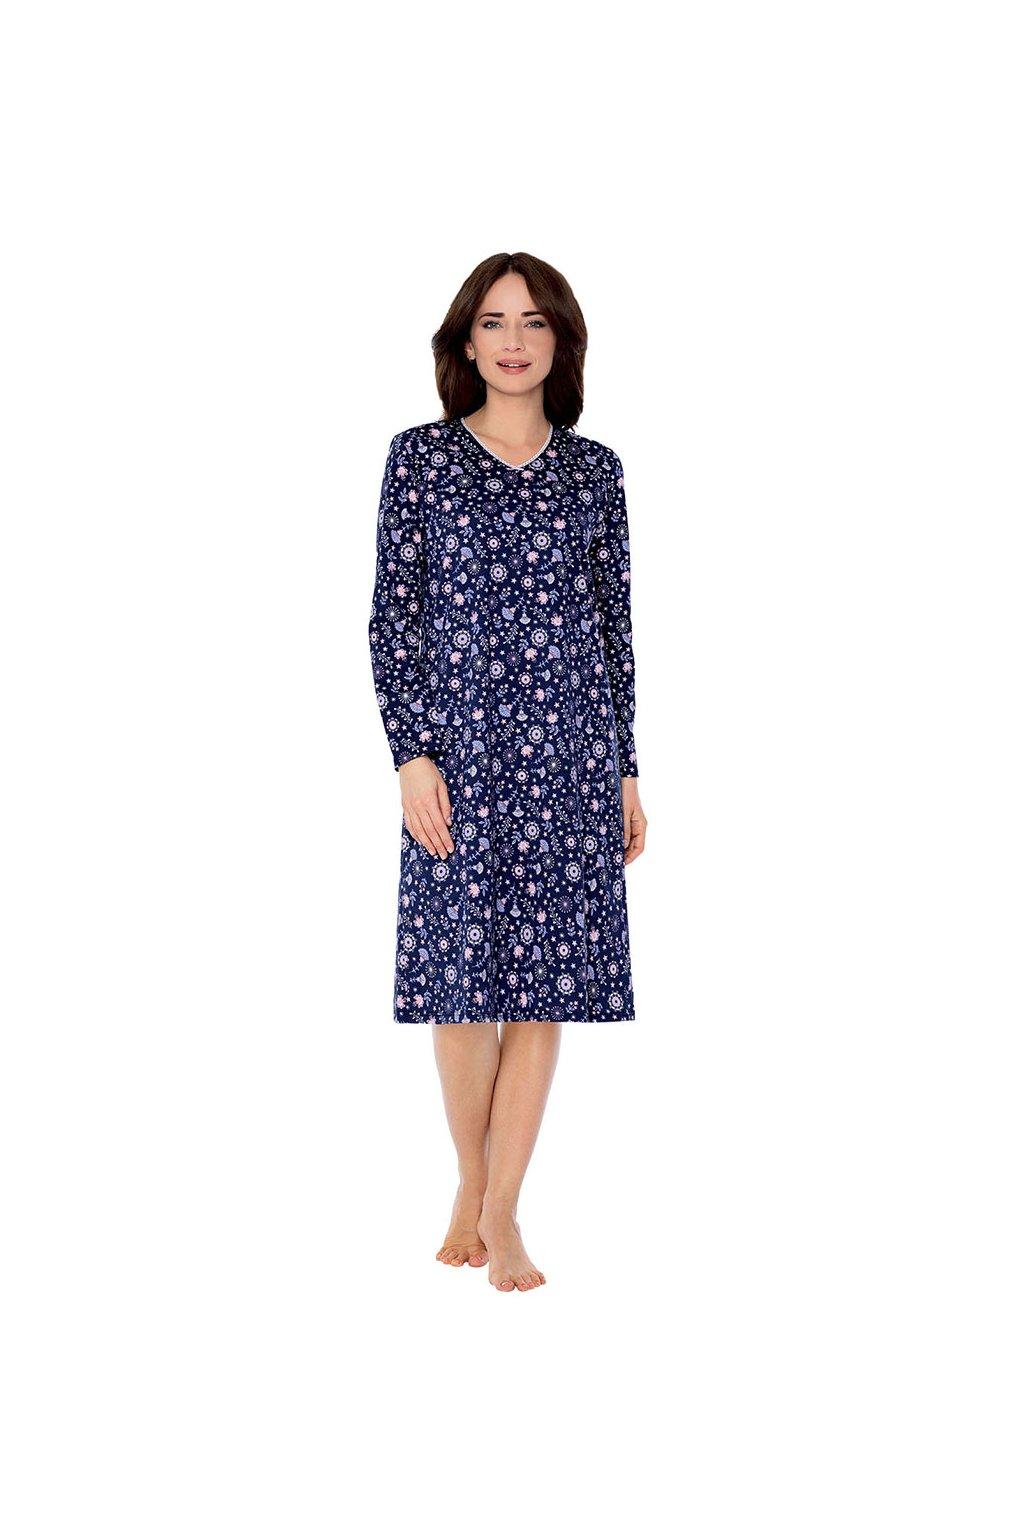 Dámská noční košile s dlouhým rukávem, 104501 163, tmavě modrá